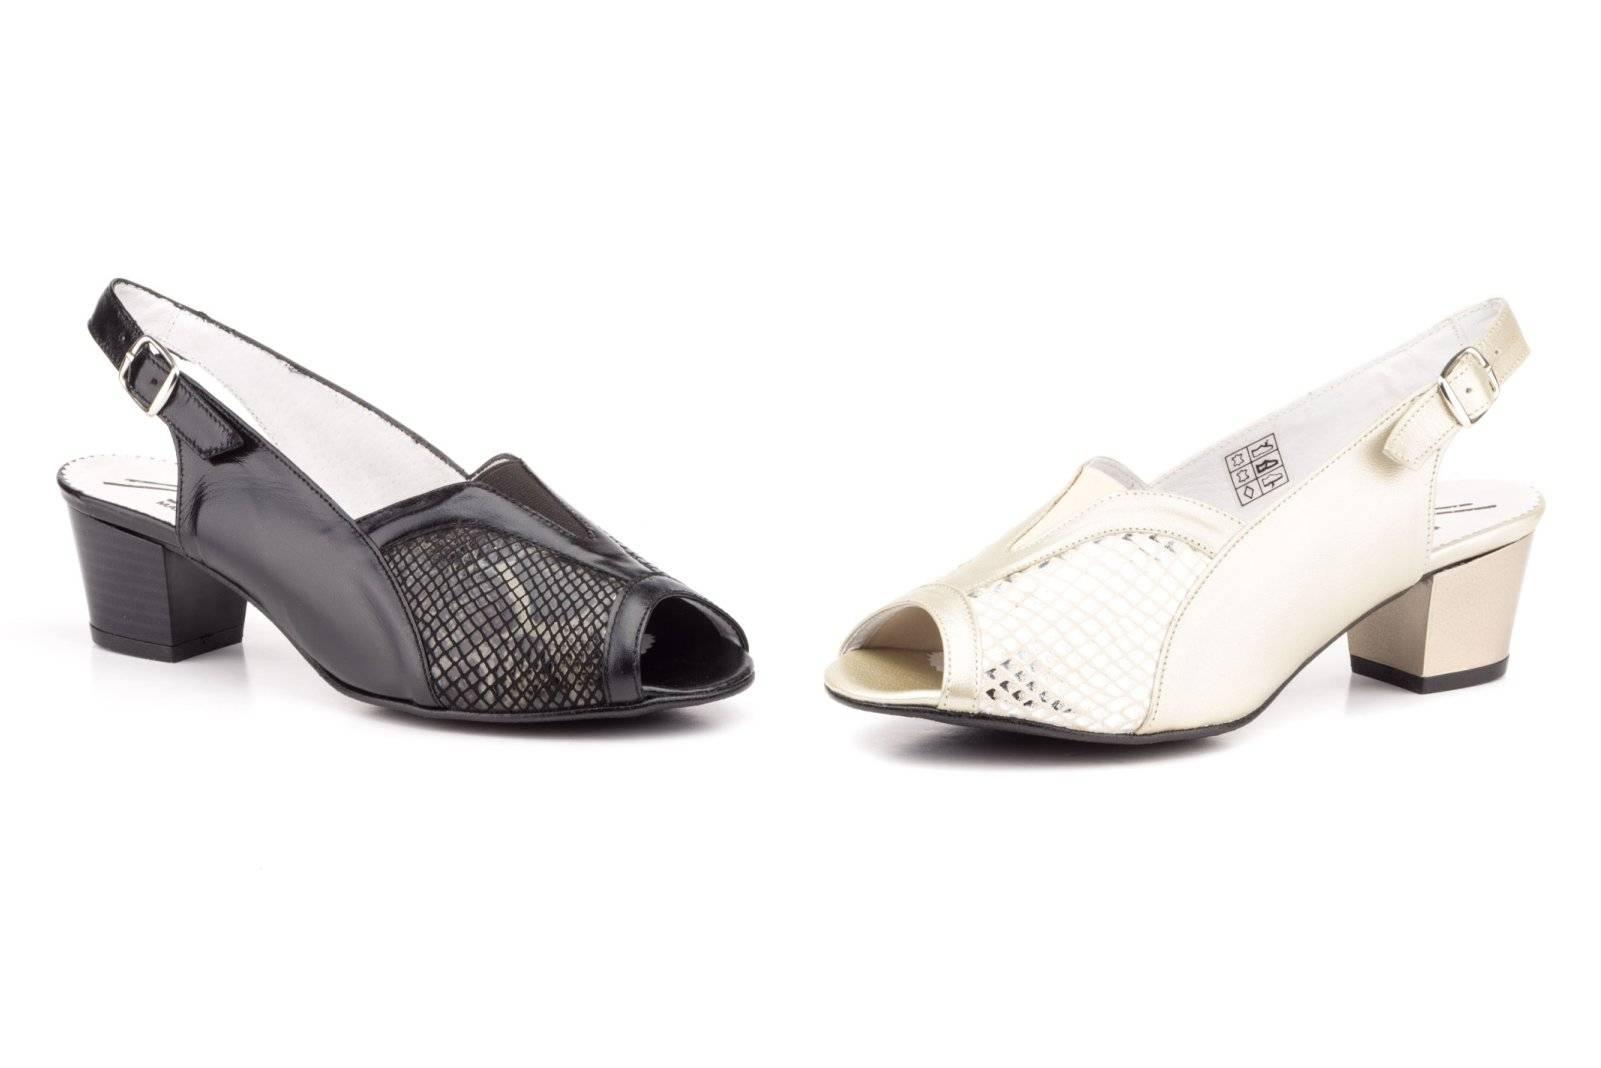 206e279f0bb8 Zapatos Mujer Piel Licra Ancho Especial Tacón